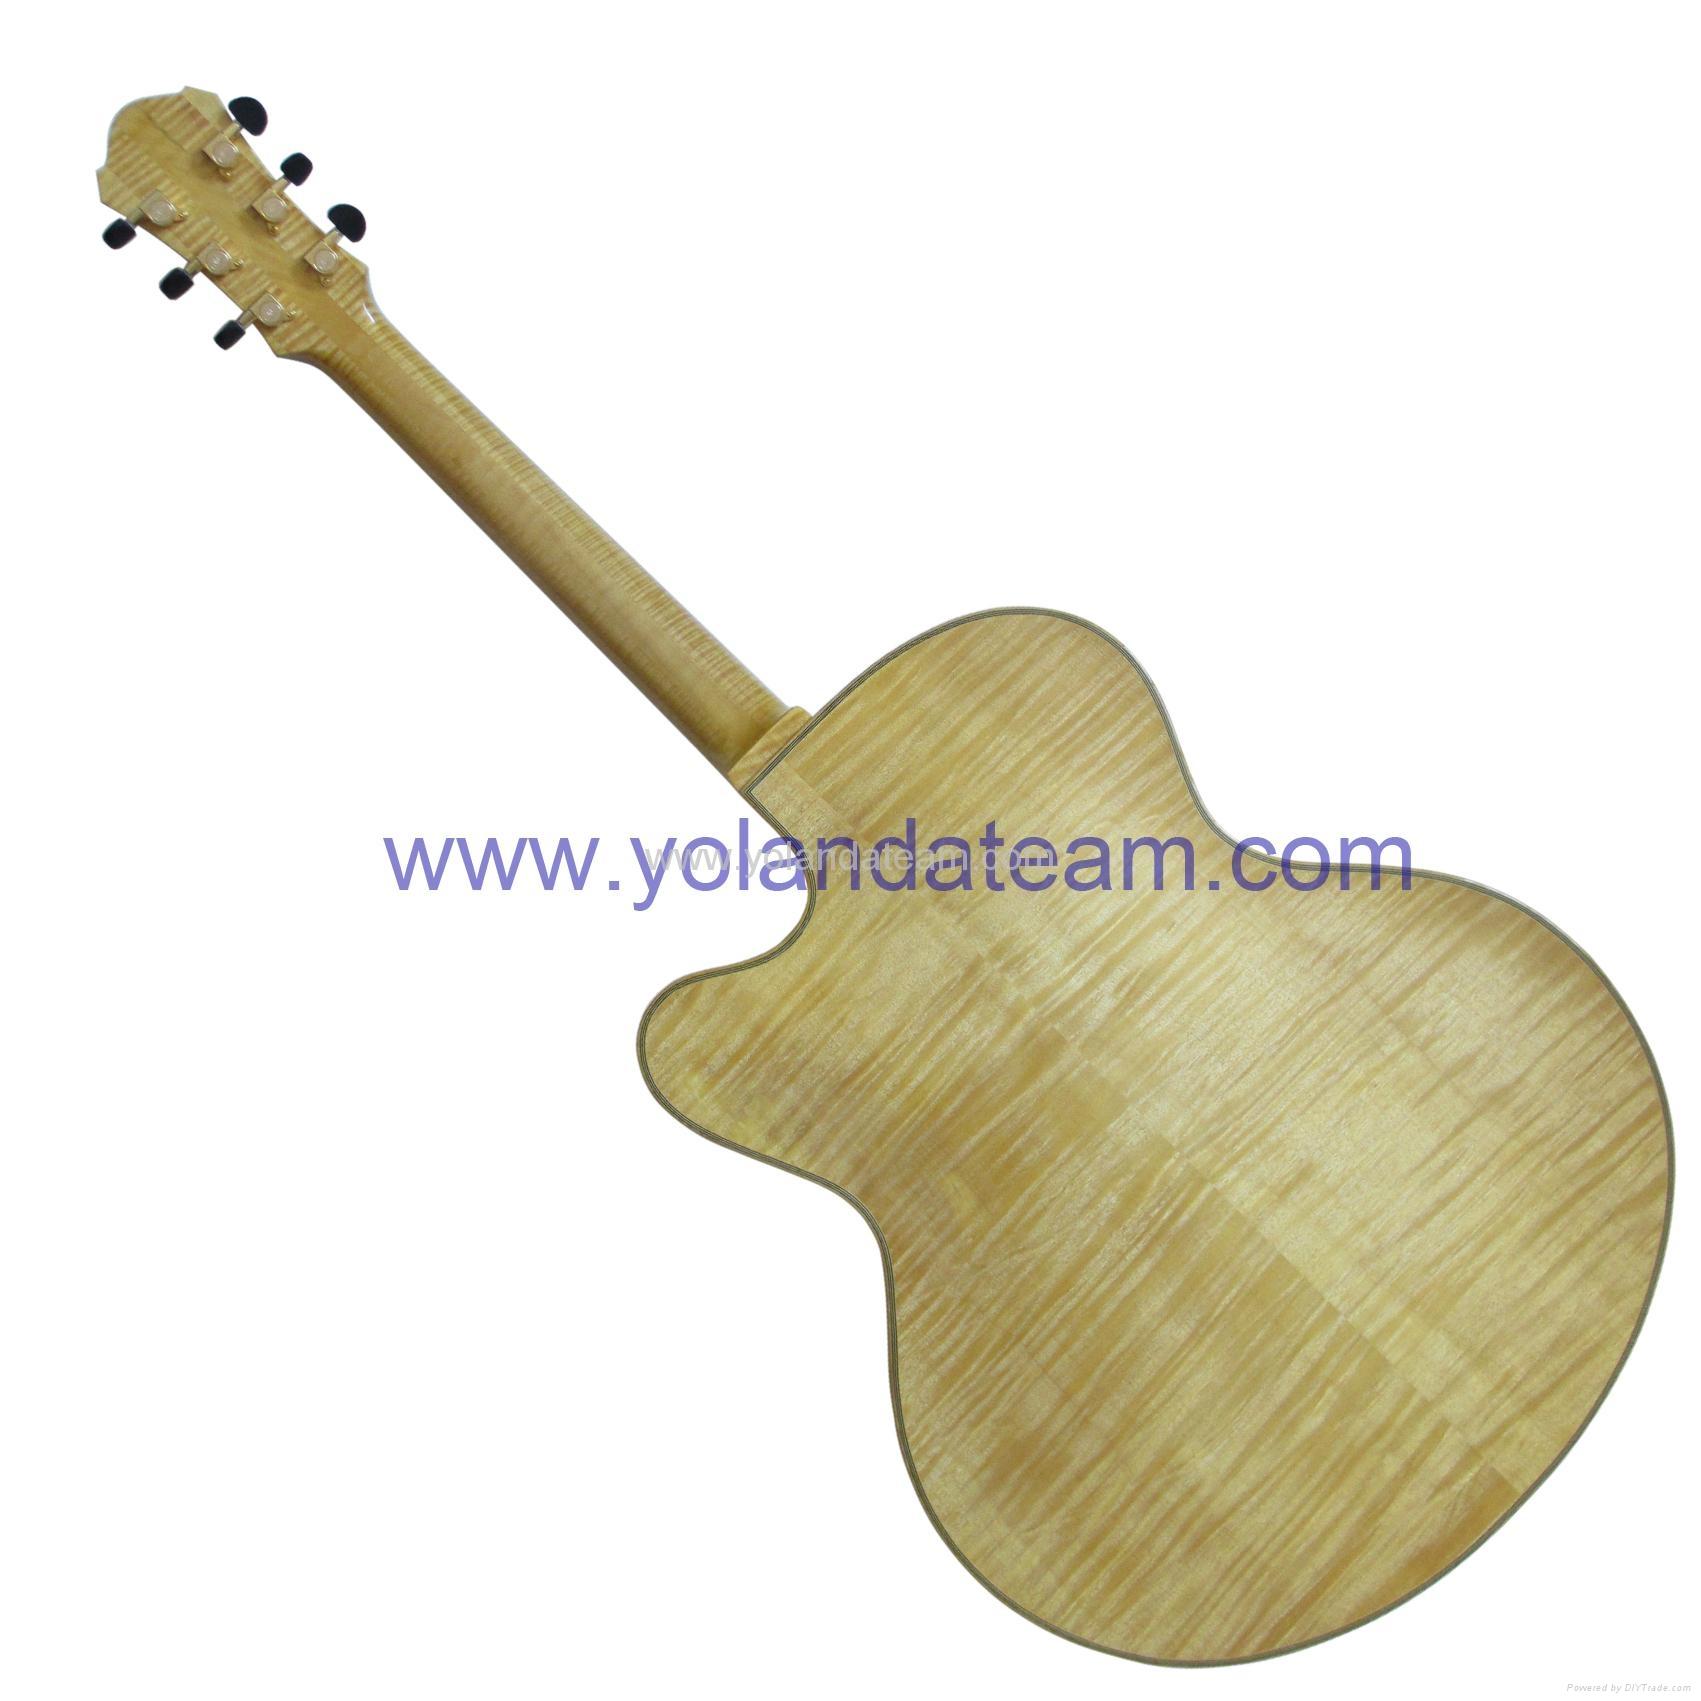 18寸爵士吉他 2